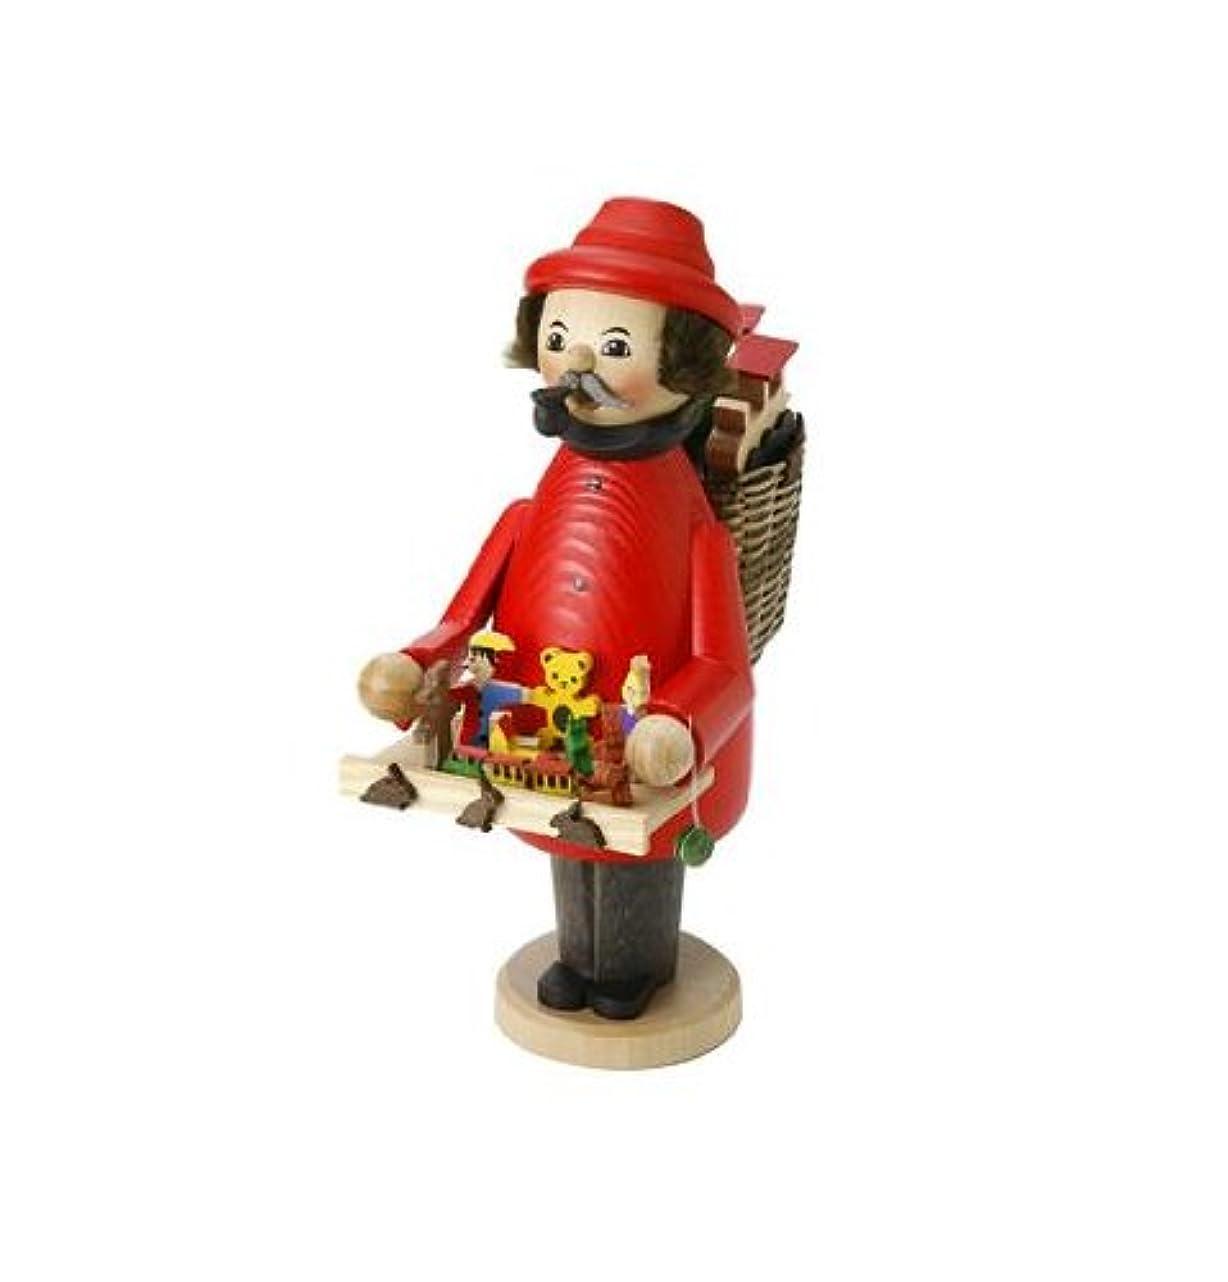 ポーズバン代替ミニパイプ人形香炉 おもちゃ売り